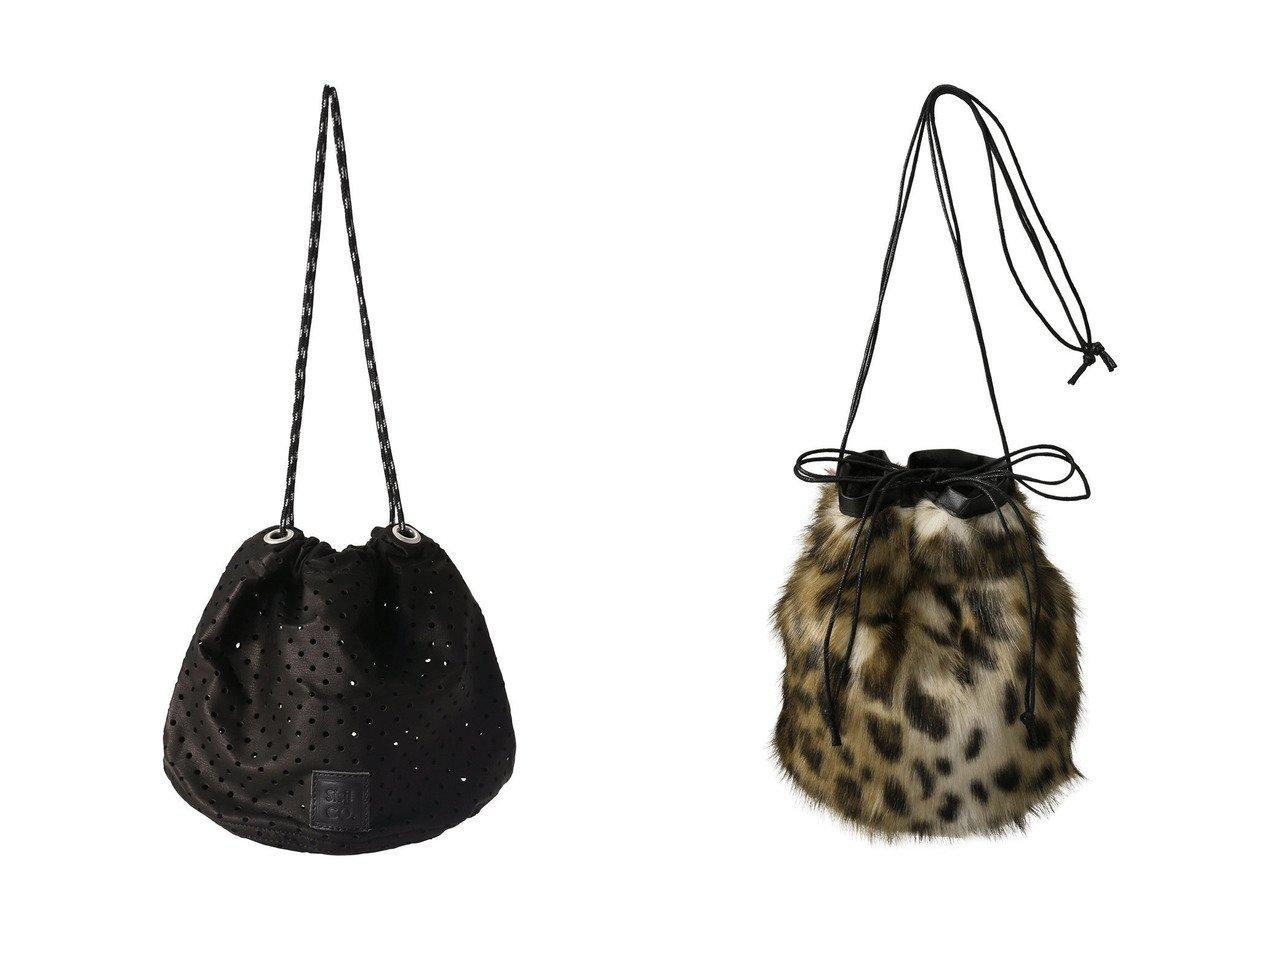 【The Virgnia/ザ ヴァージニア】の【HELEN MOORE】レオパードファー巾着バッグ&【sisii/シシ】のパンチングレザードローストリングバッグ バッグのおすすめ!人気、レディースファッションの通販  おすすめで人気のファッション通販商品 インテリア・家具・キッズファッション・メンズファッション・レディースファッション・服の通販 founy(ファニー) https://founy.com/ ファッション Fashion レディース WOMEN バッグ Bag スポーティ トレンド アニマル インナー キルティング ハンドバッグ フェイクファー 巾着  ID:crp329100000000388